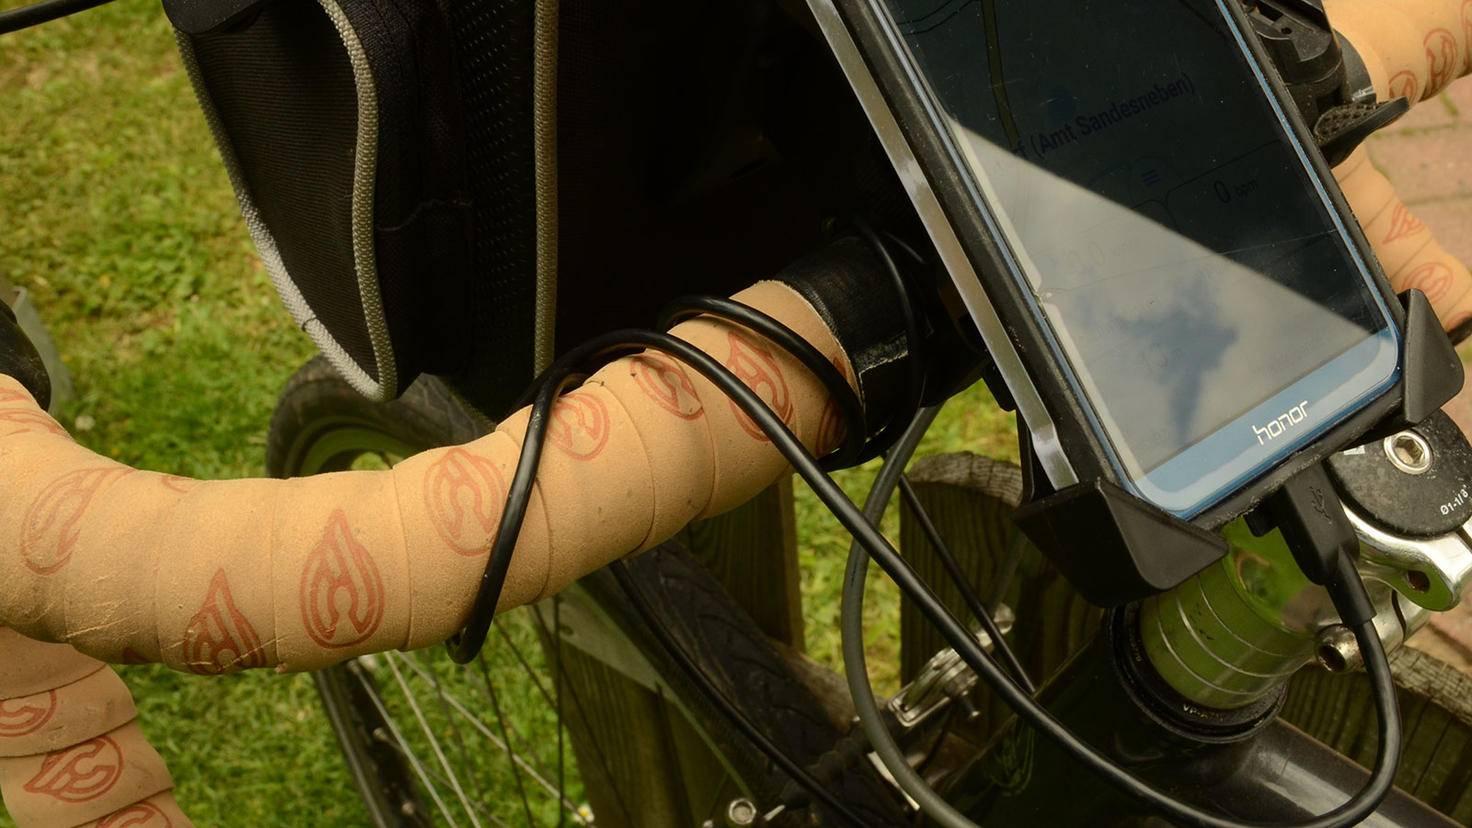 Fahrrad Navi Lenker Kabel befestigen